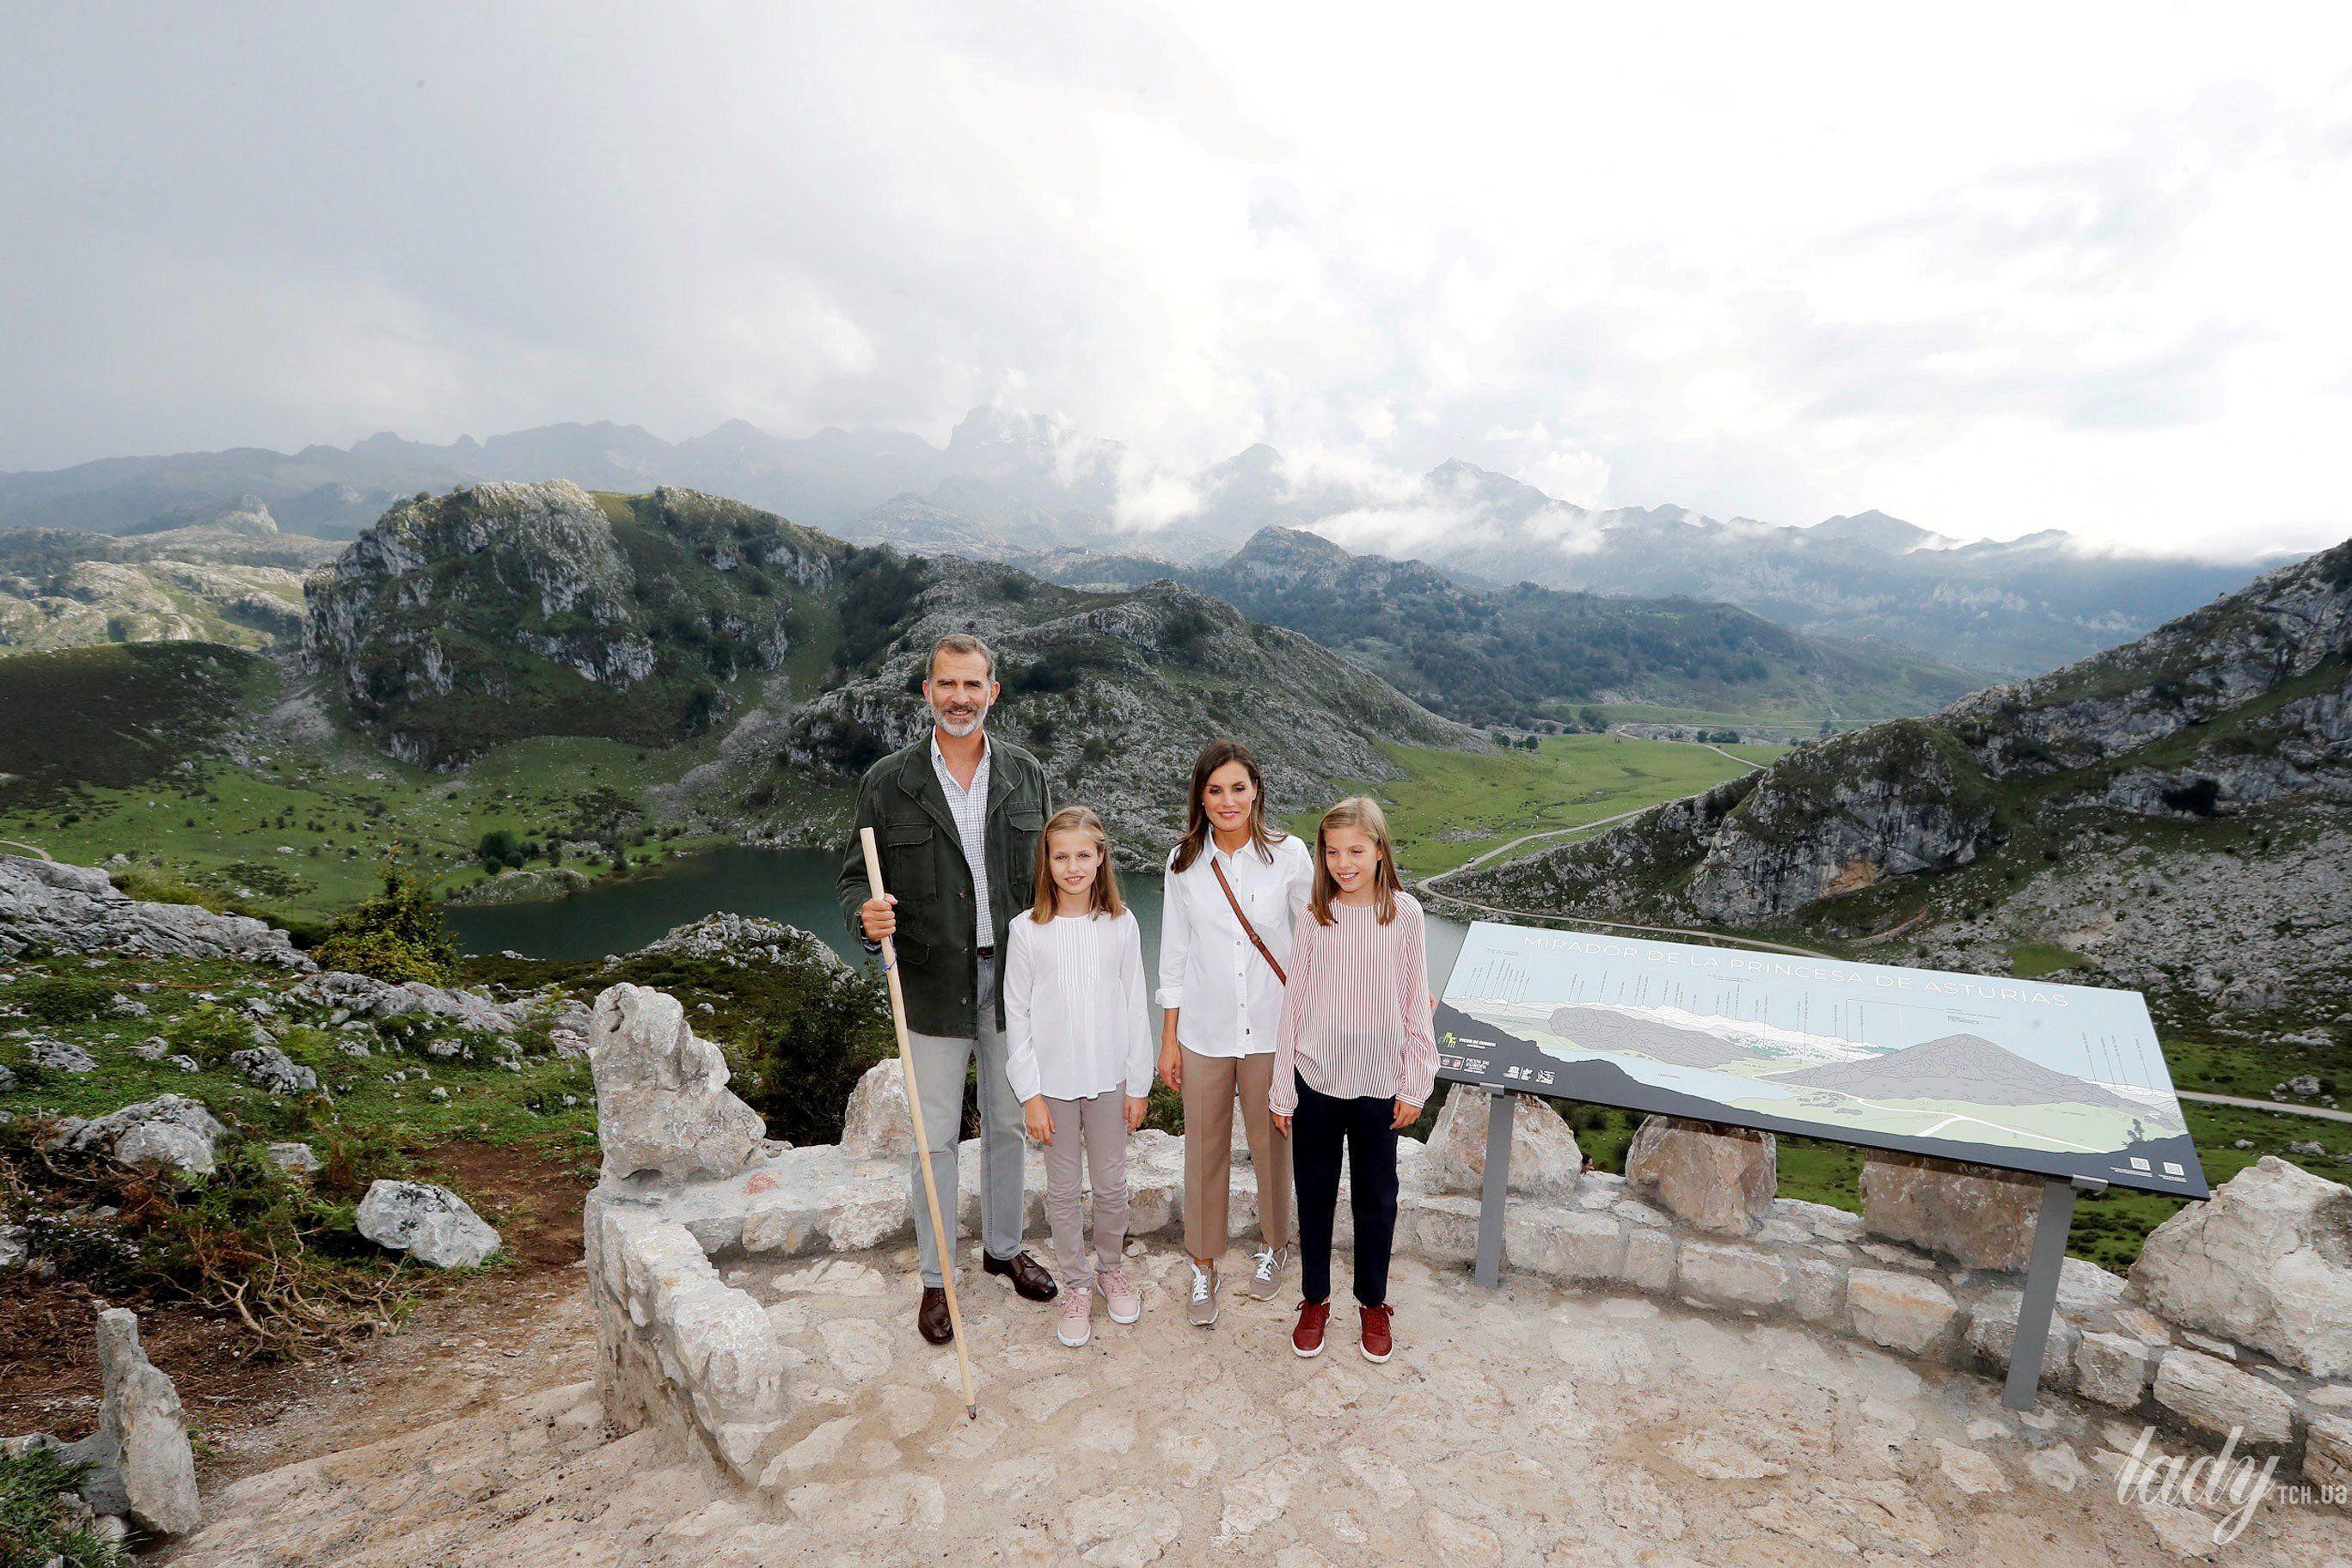 Испанская королевская семья: король Филипп, королева Летиция, принцессы Леонор и София_3